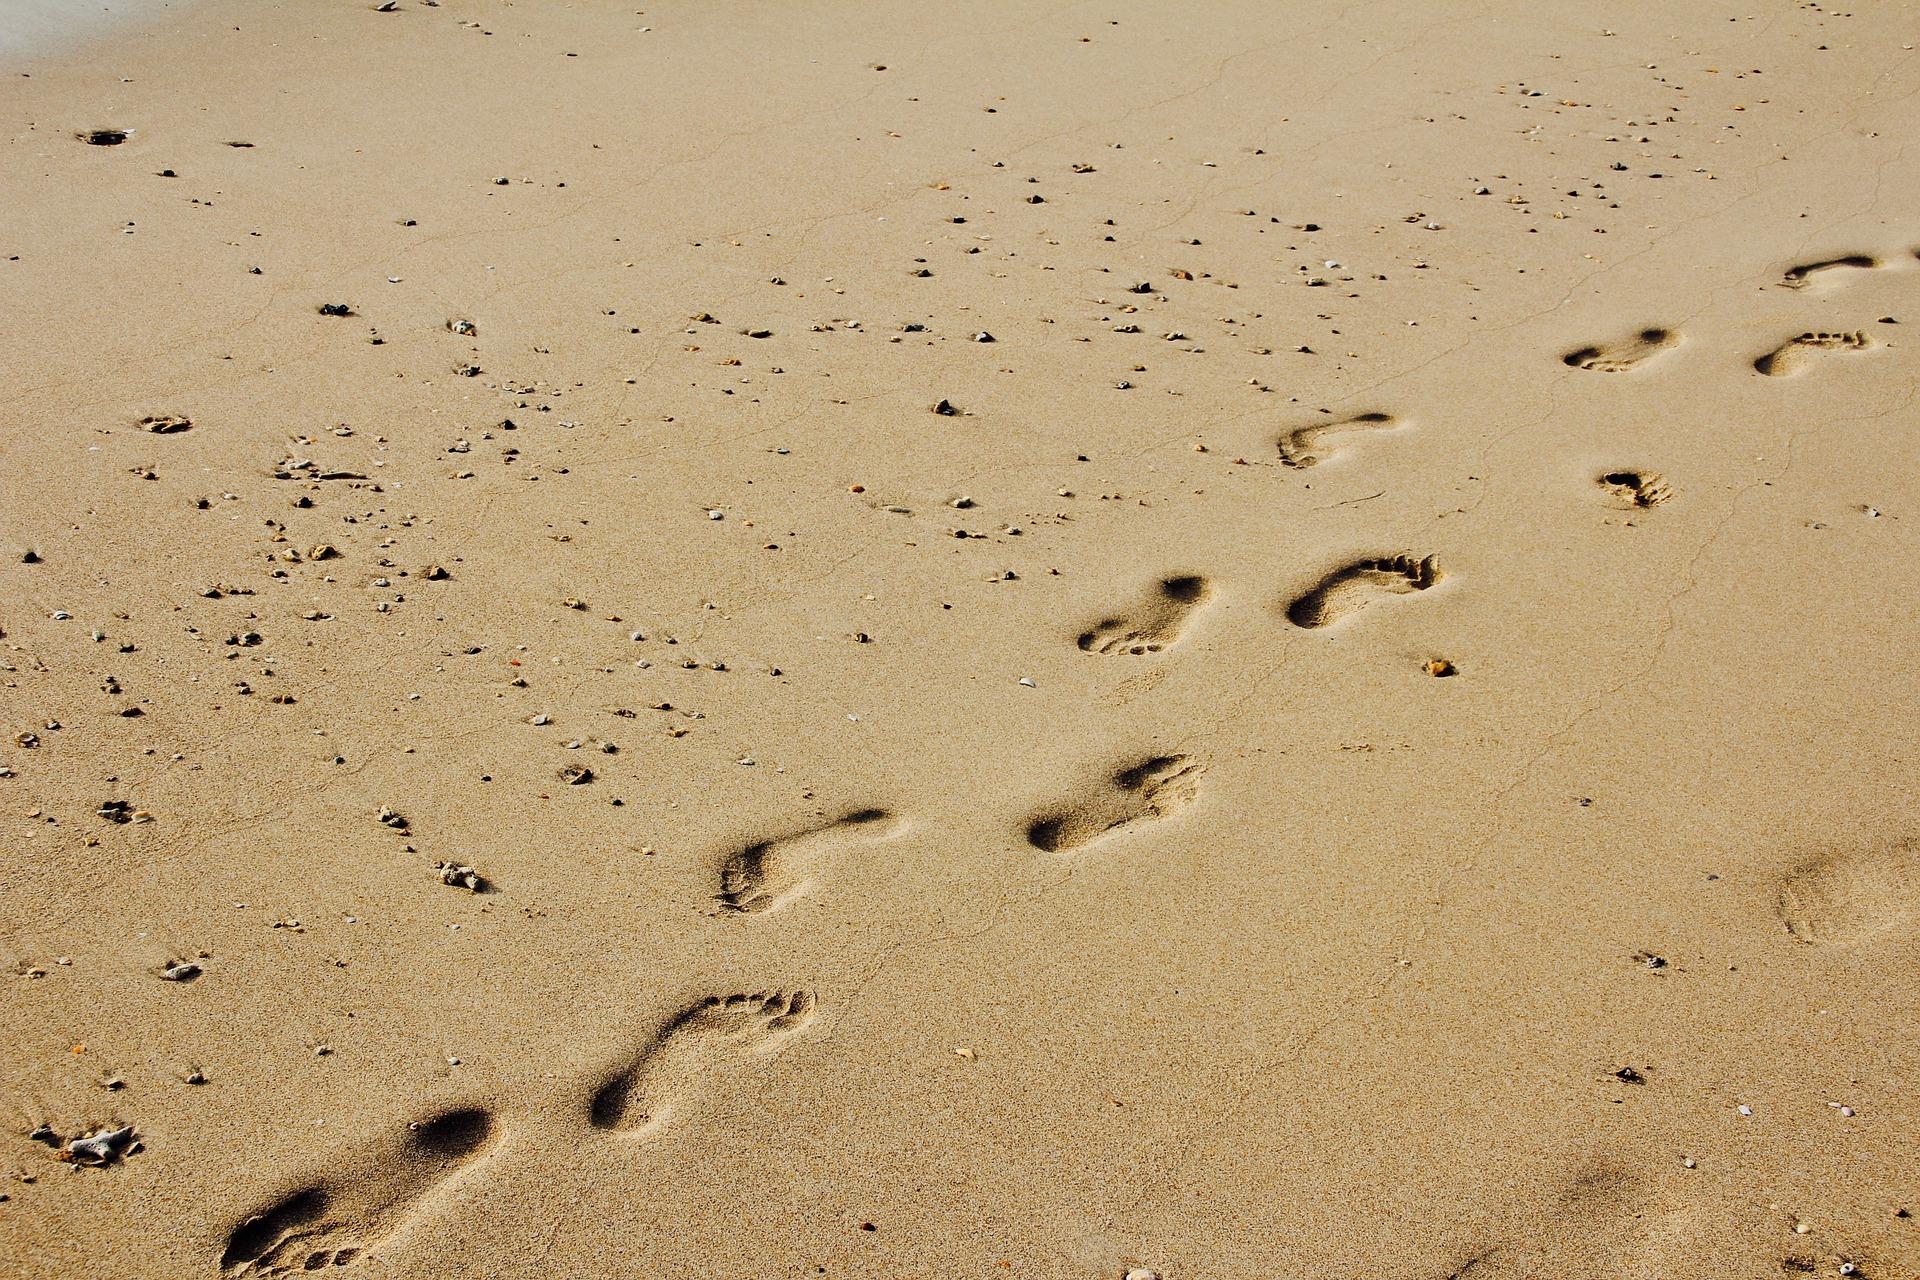 footprints-1189780_1920.jpg